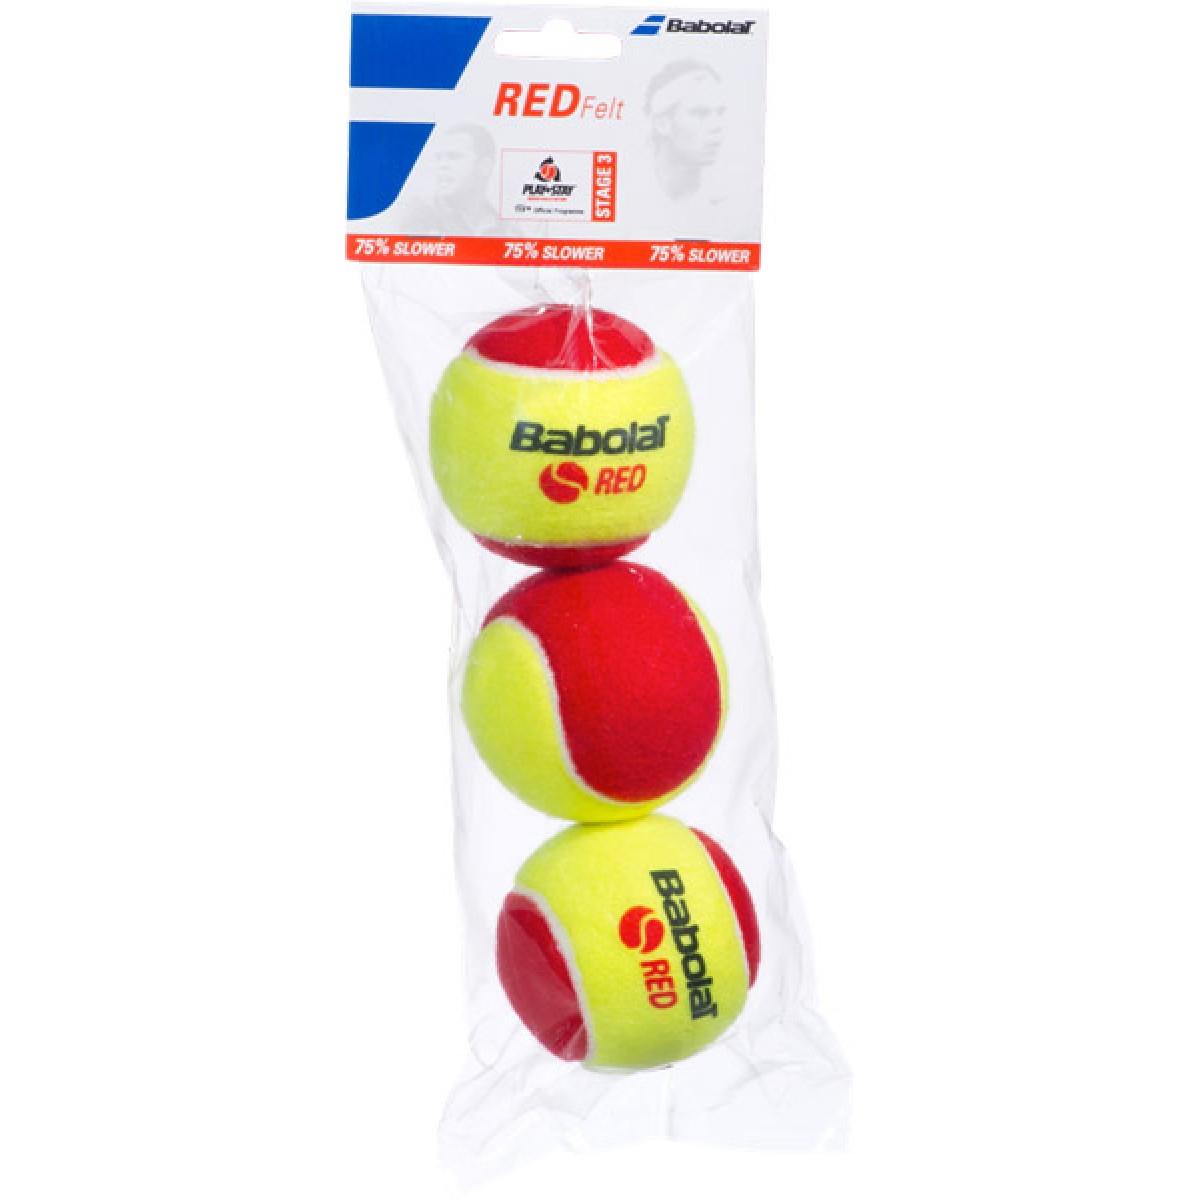 SACHET DE 3 BALLES BABOLAT RED FELT